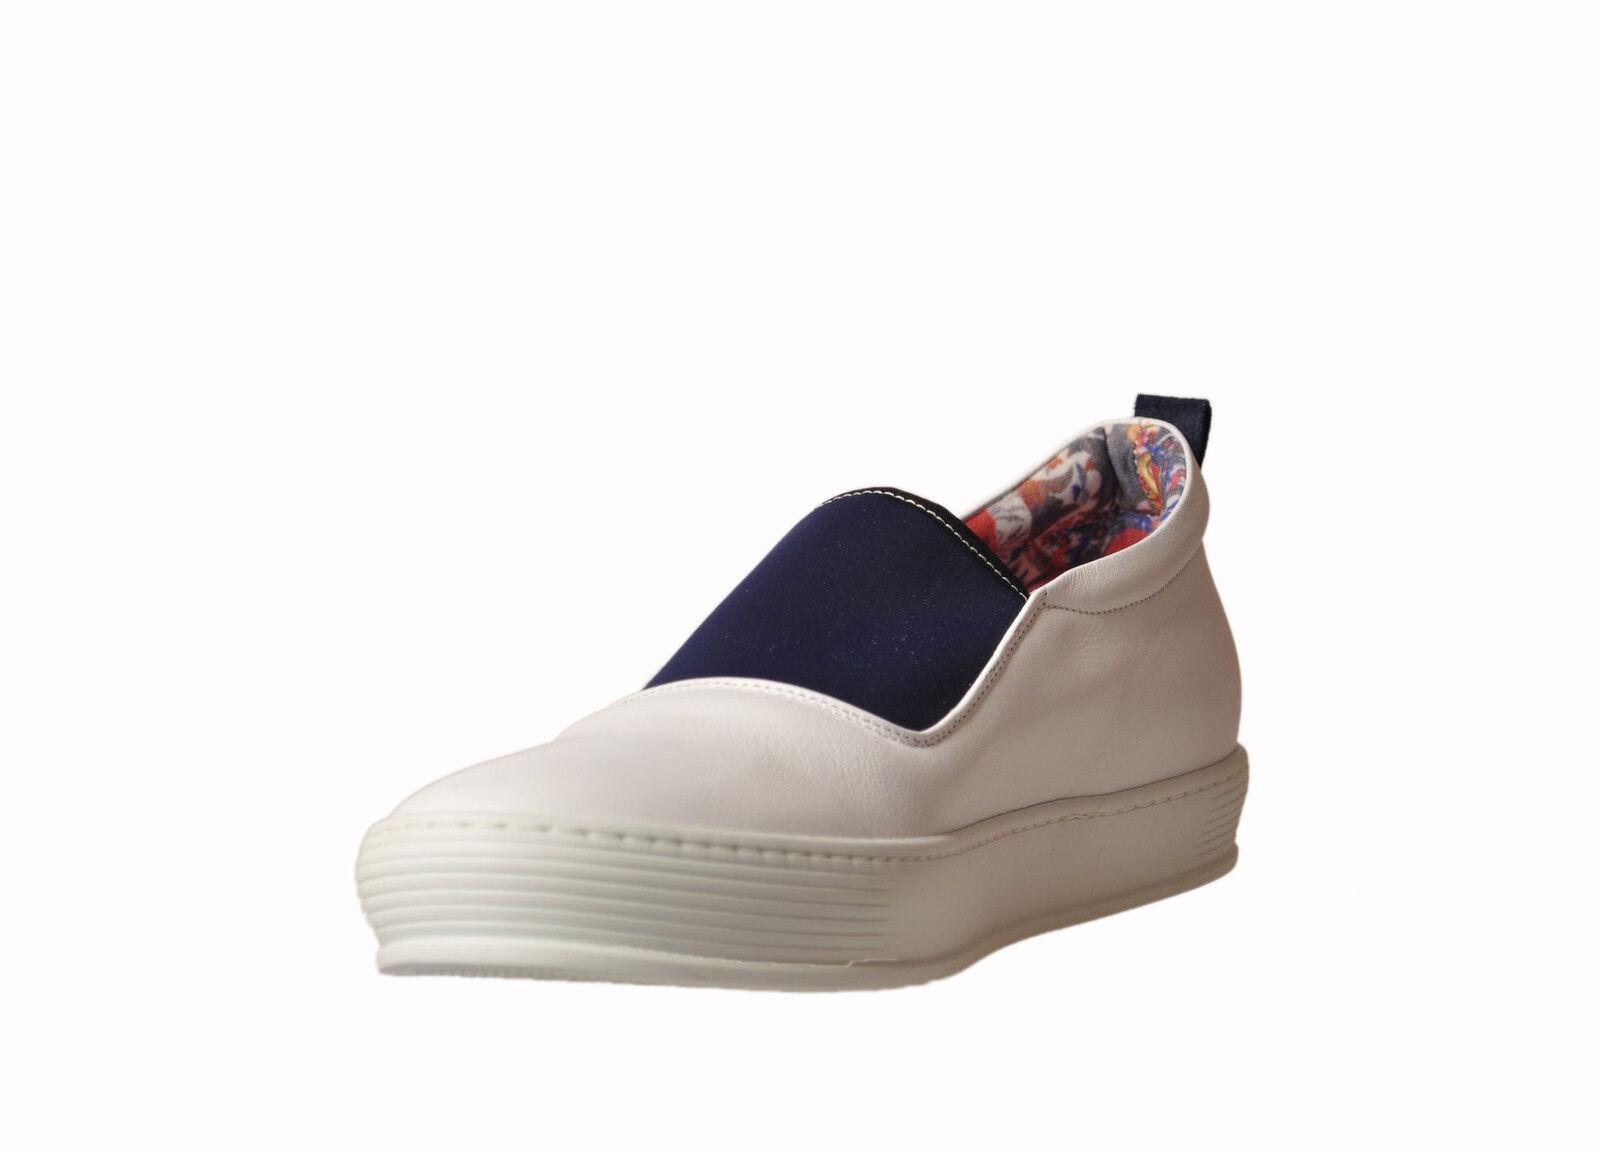 FLOW - Shoes- low - - Man - low White - 3698711H184501 5699d7